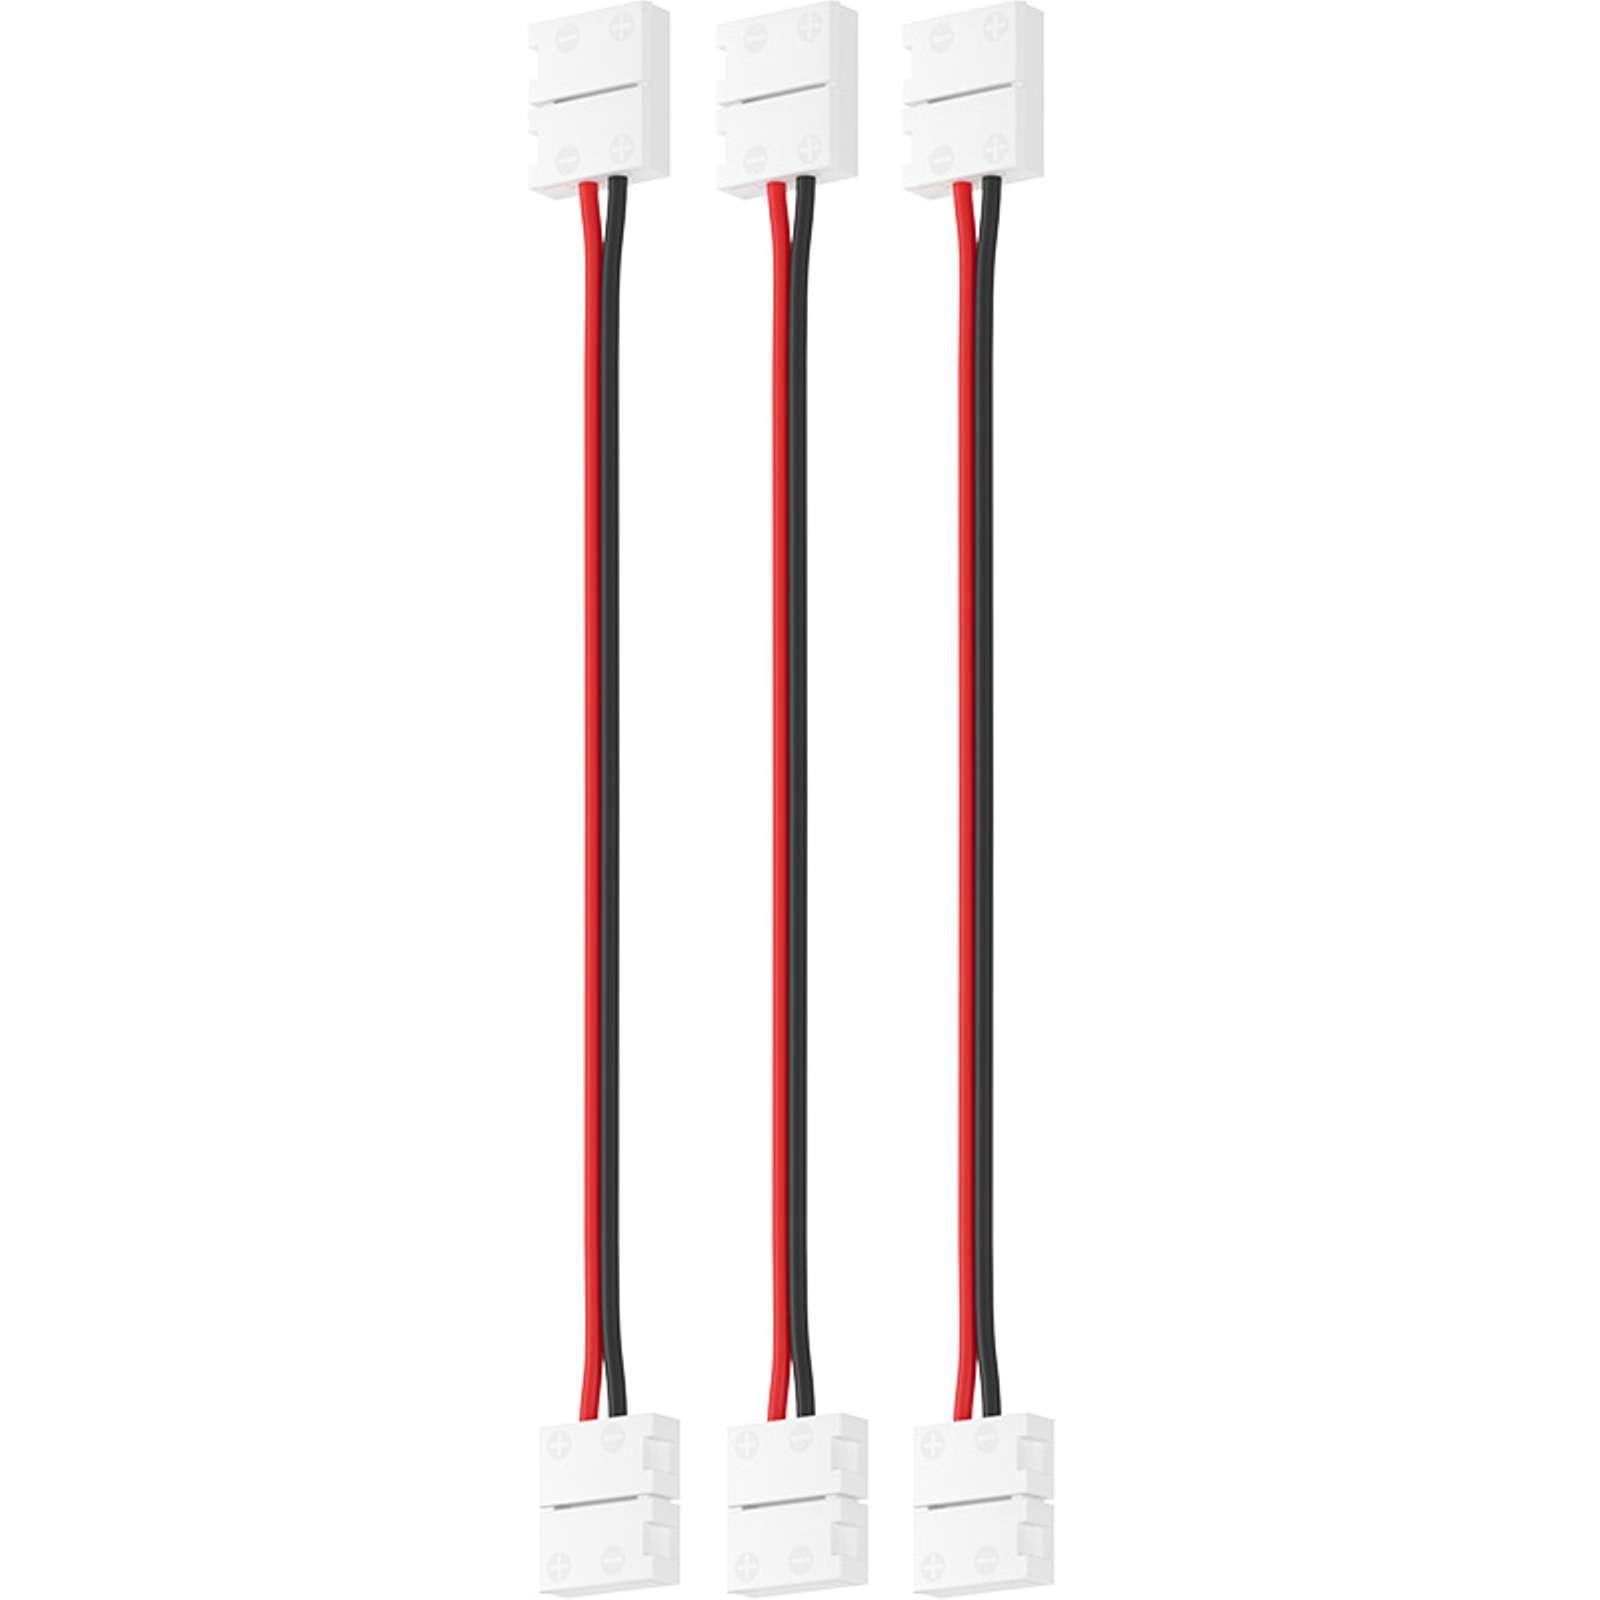 Набор проводов для гибкого соединения одноцветной светодиодной ленты шириной 8 мм 3 шт